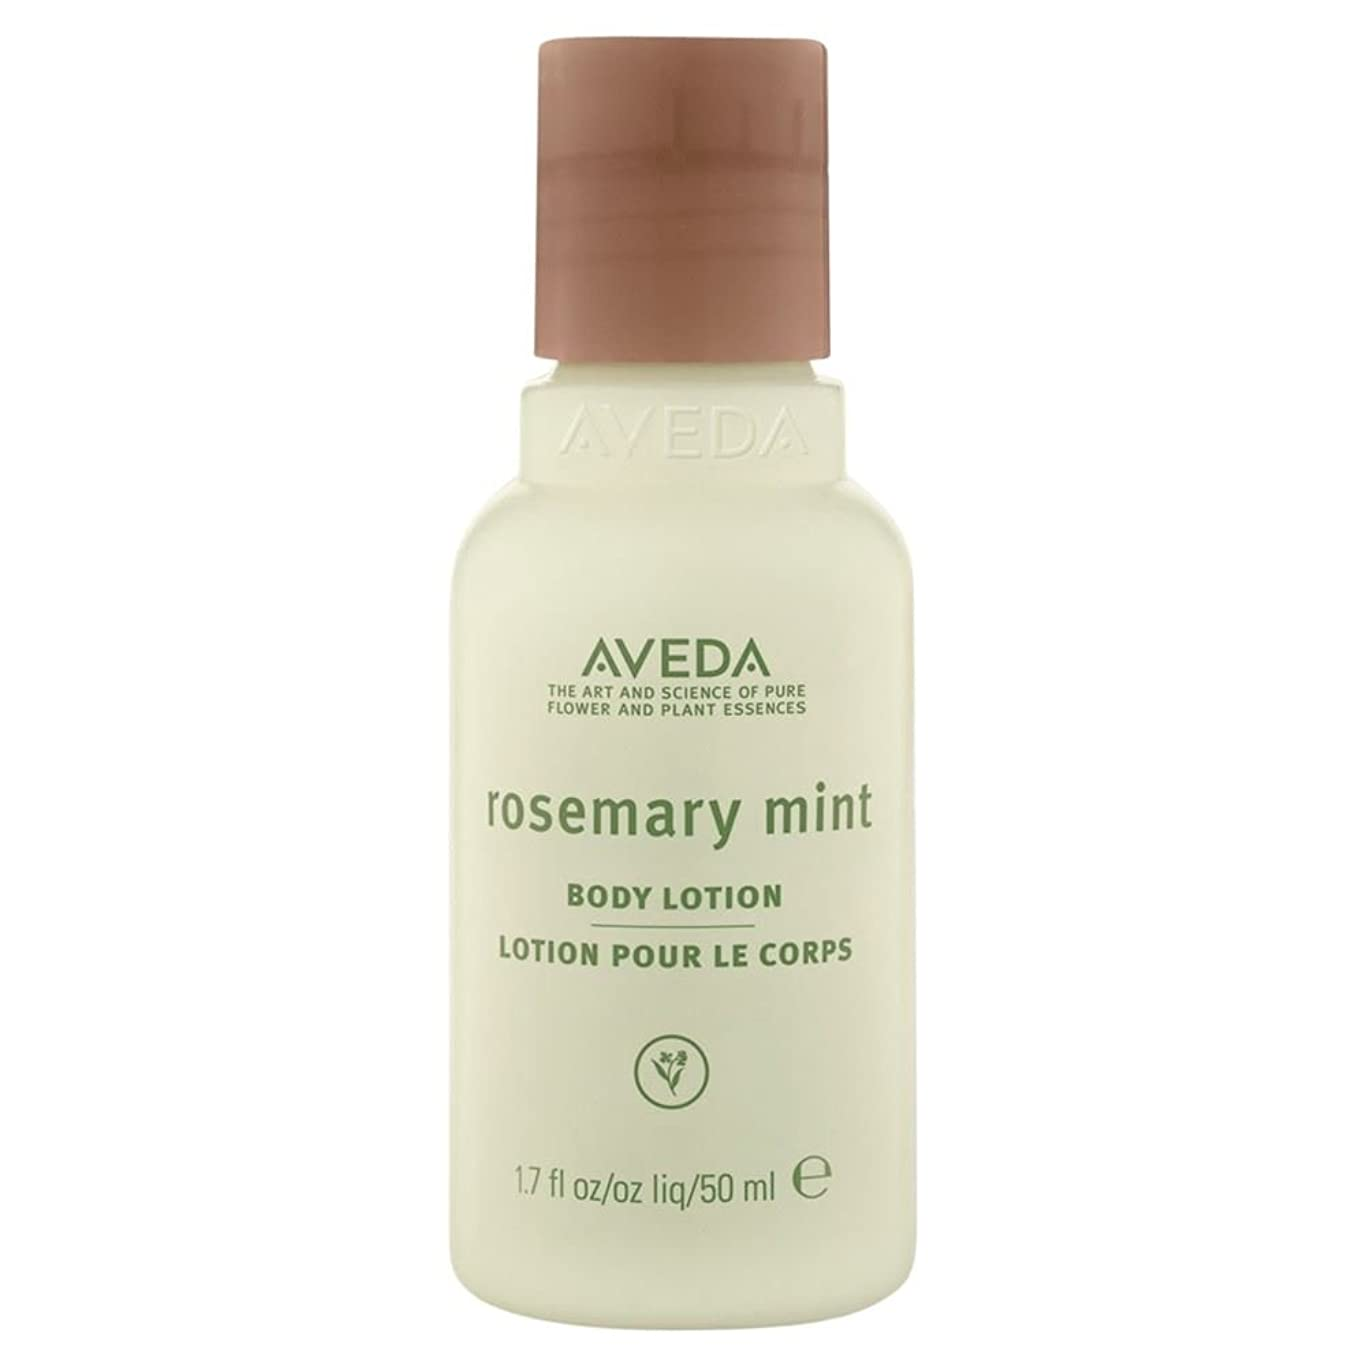 水注釈対人[AVEDA ] アヴェダローズマリーミントボディローション50ミリリットル - AVEDA Rosemary Mint Body Lotion 50ml [並行輸入品]